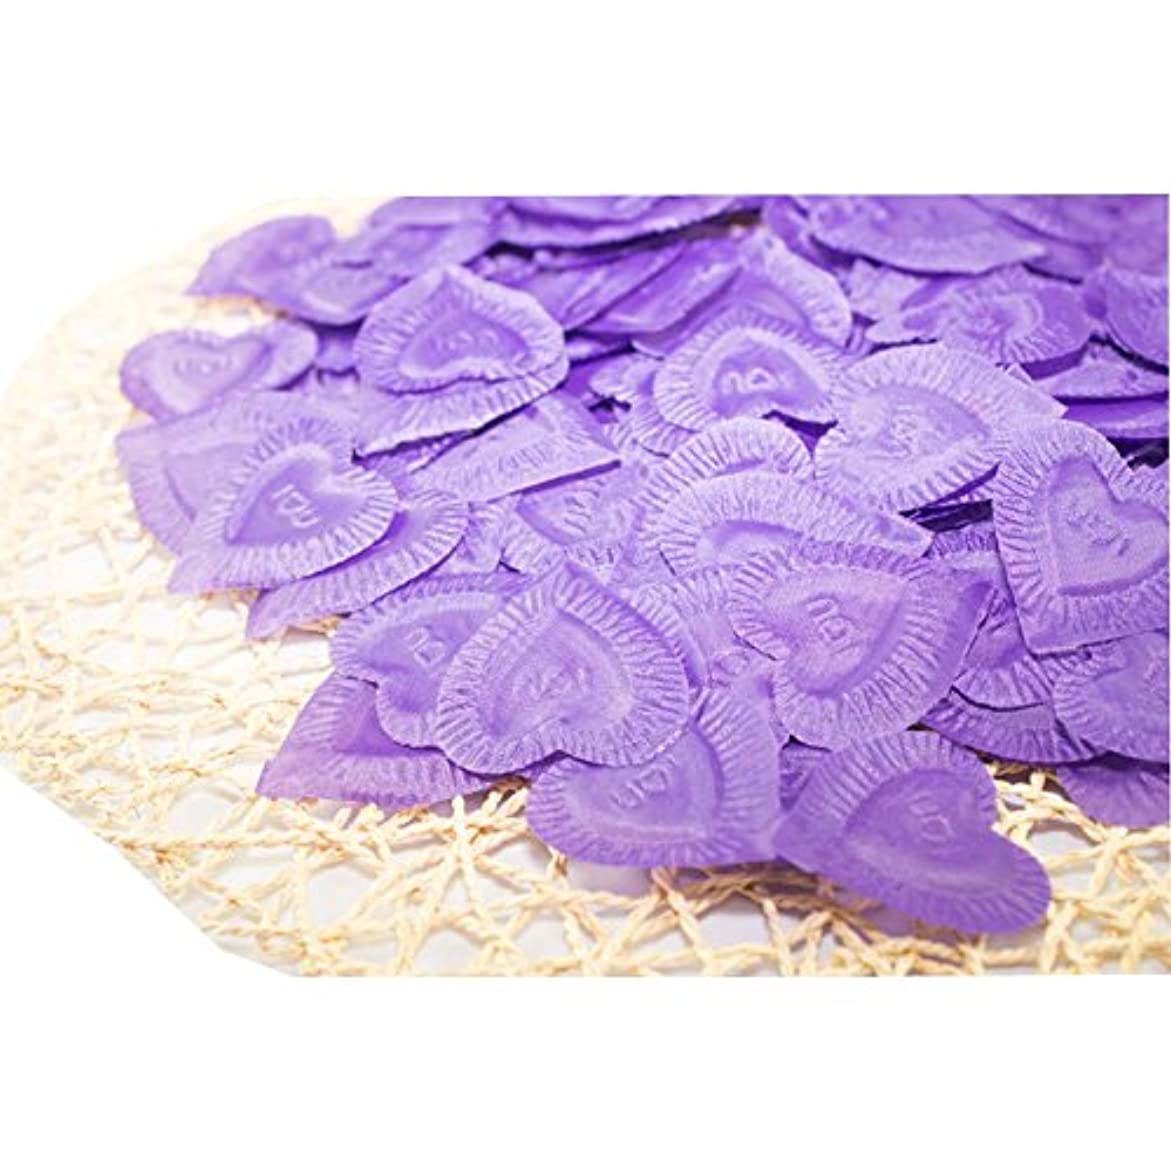 疼痛預言者インターネット結婚式のための人工花びら紫840個